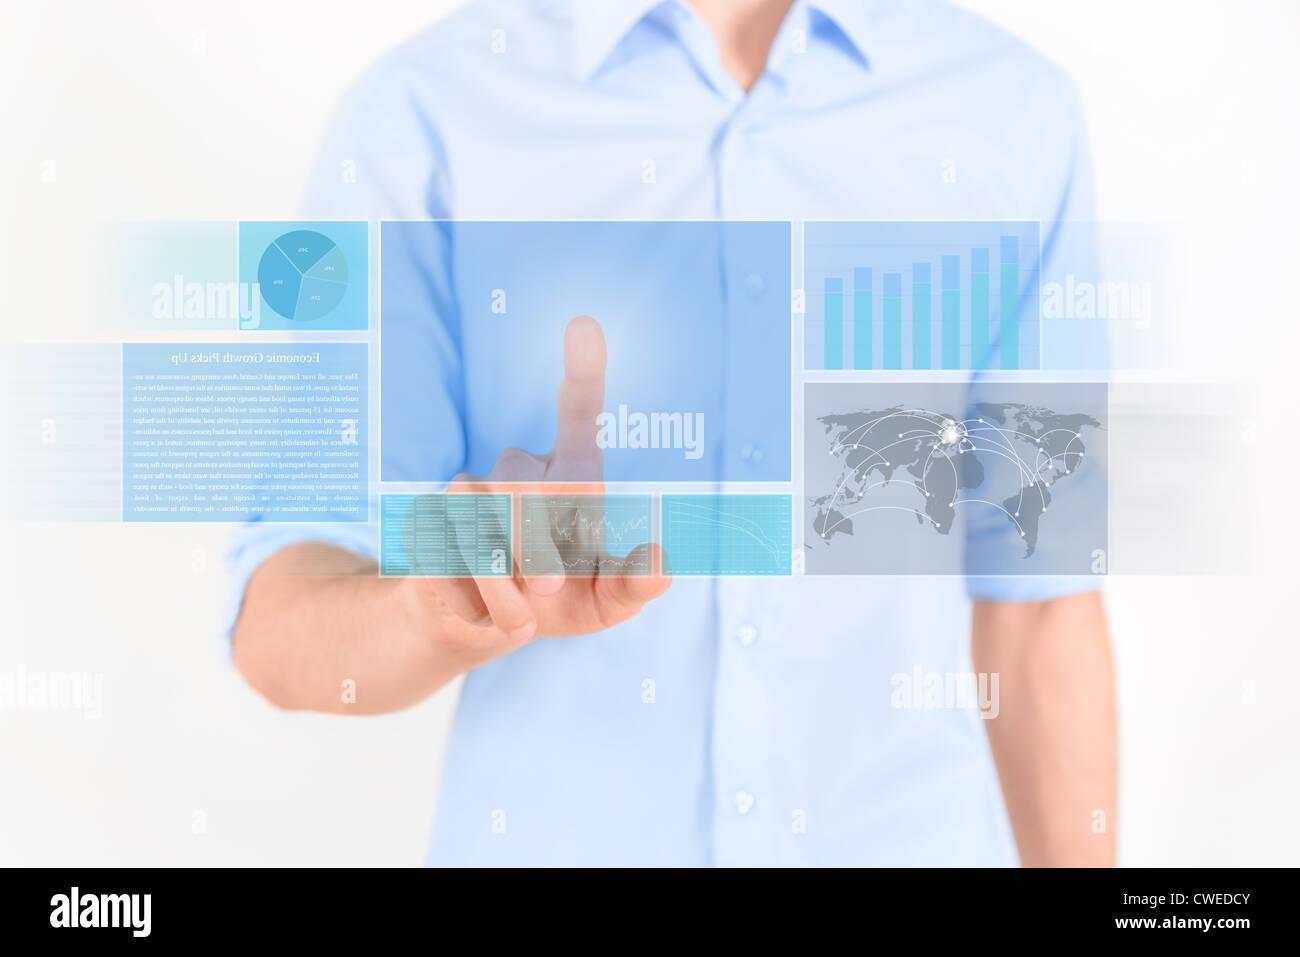 Mann berühren futuristische Touchscreen-Interface mit Grafik, Charts und Nachrichten. Isoliert auf weiss. Stockbild